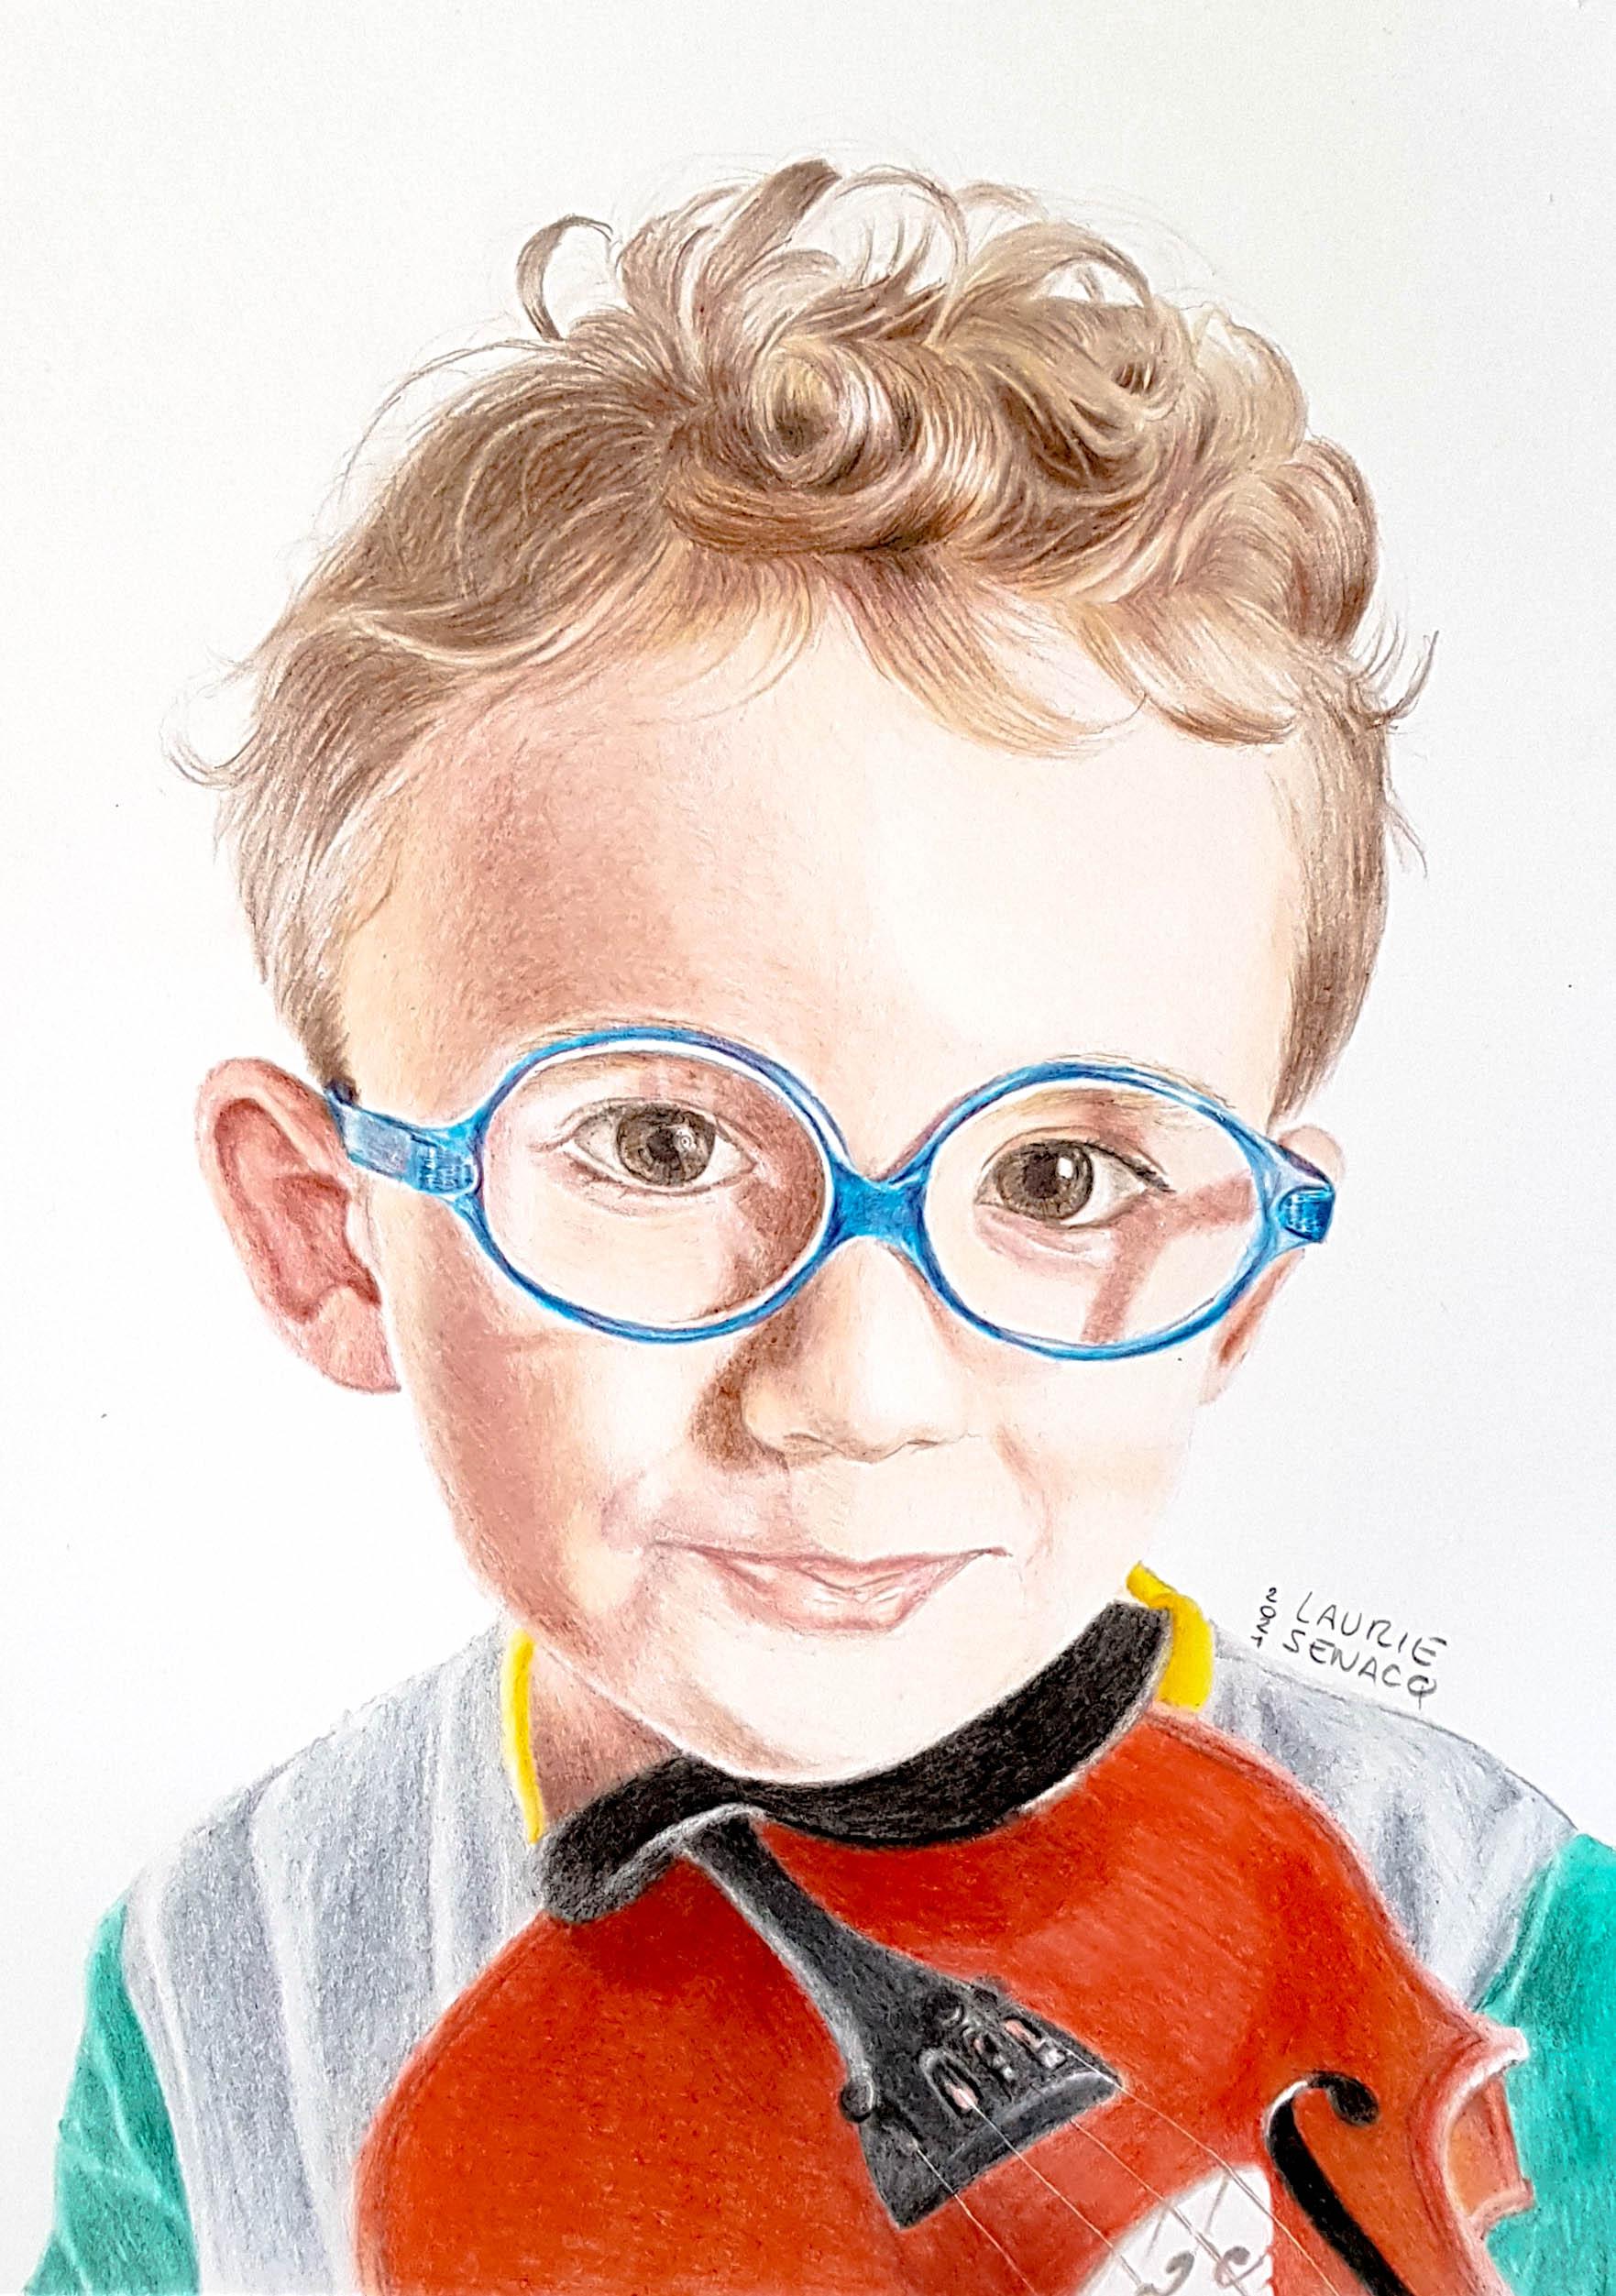 Dessin d'enfant aux crayons de couleur par Laurie Sénacq Portraitiste